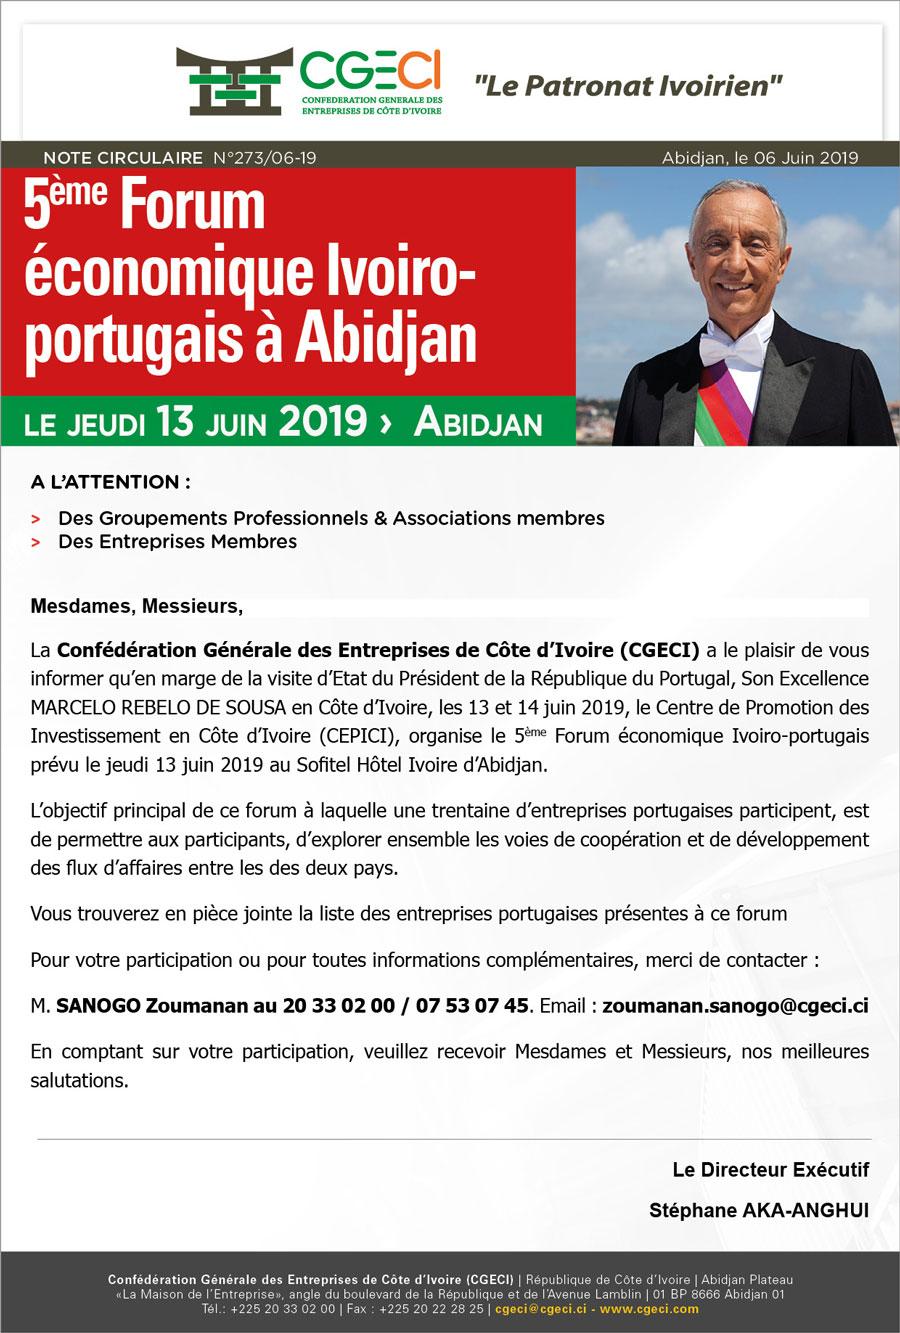 5ème Forum économique Ivoiro-portugais à Abidjan